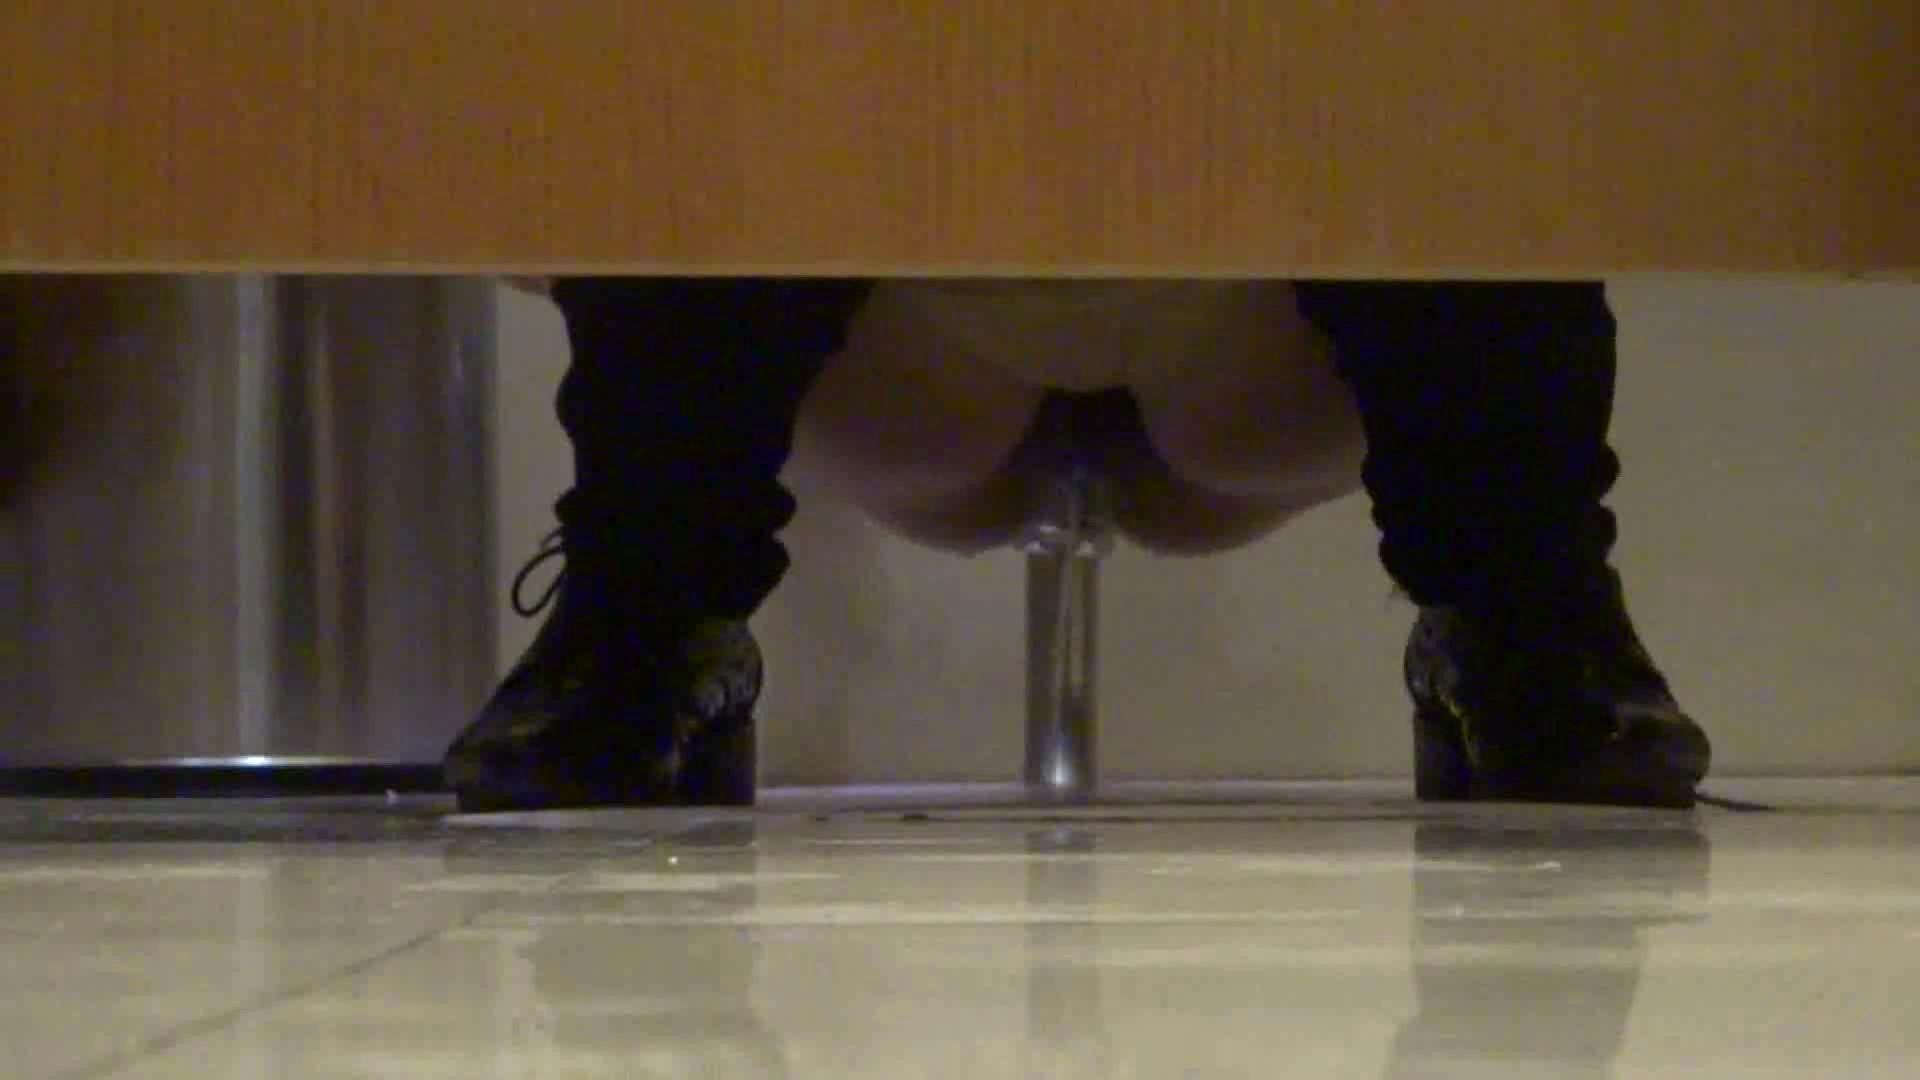 隣国化粧室下から御免!! No.16 洗面所 | 美女のボディ  74PIX 31